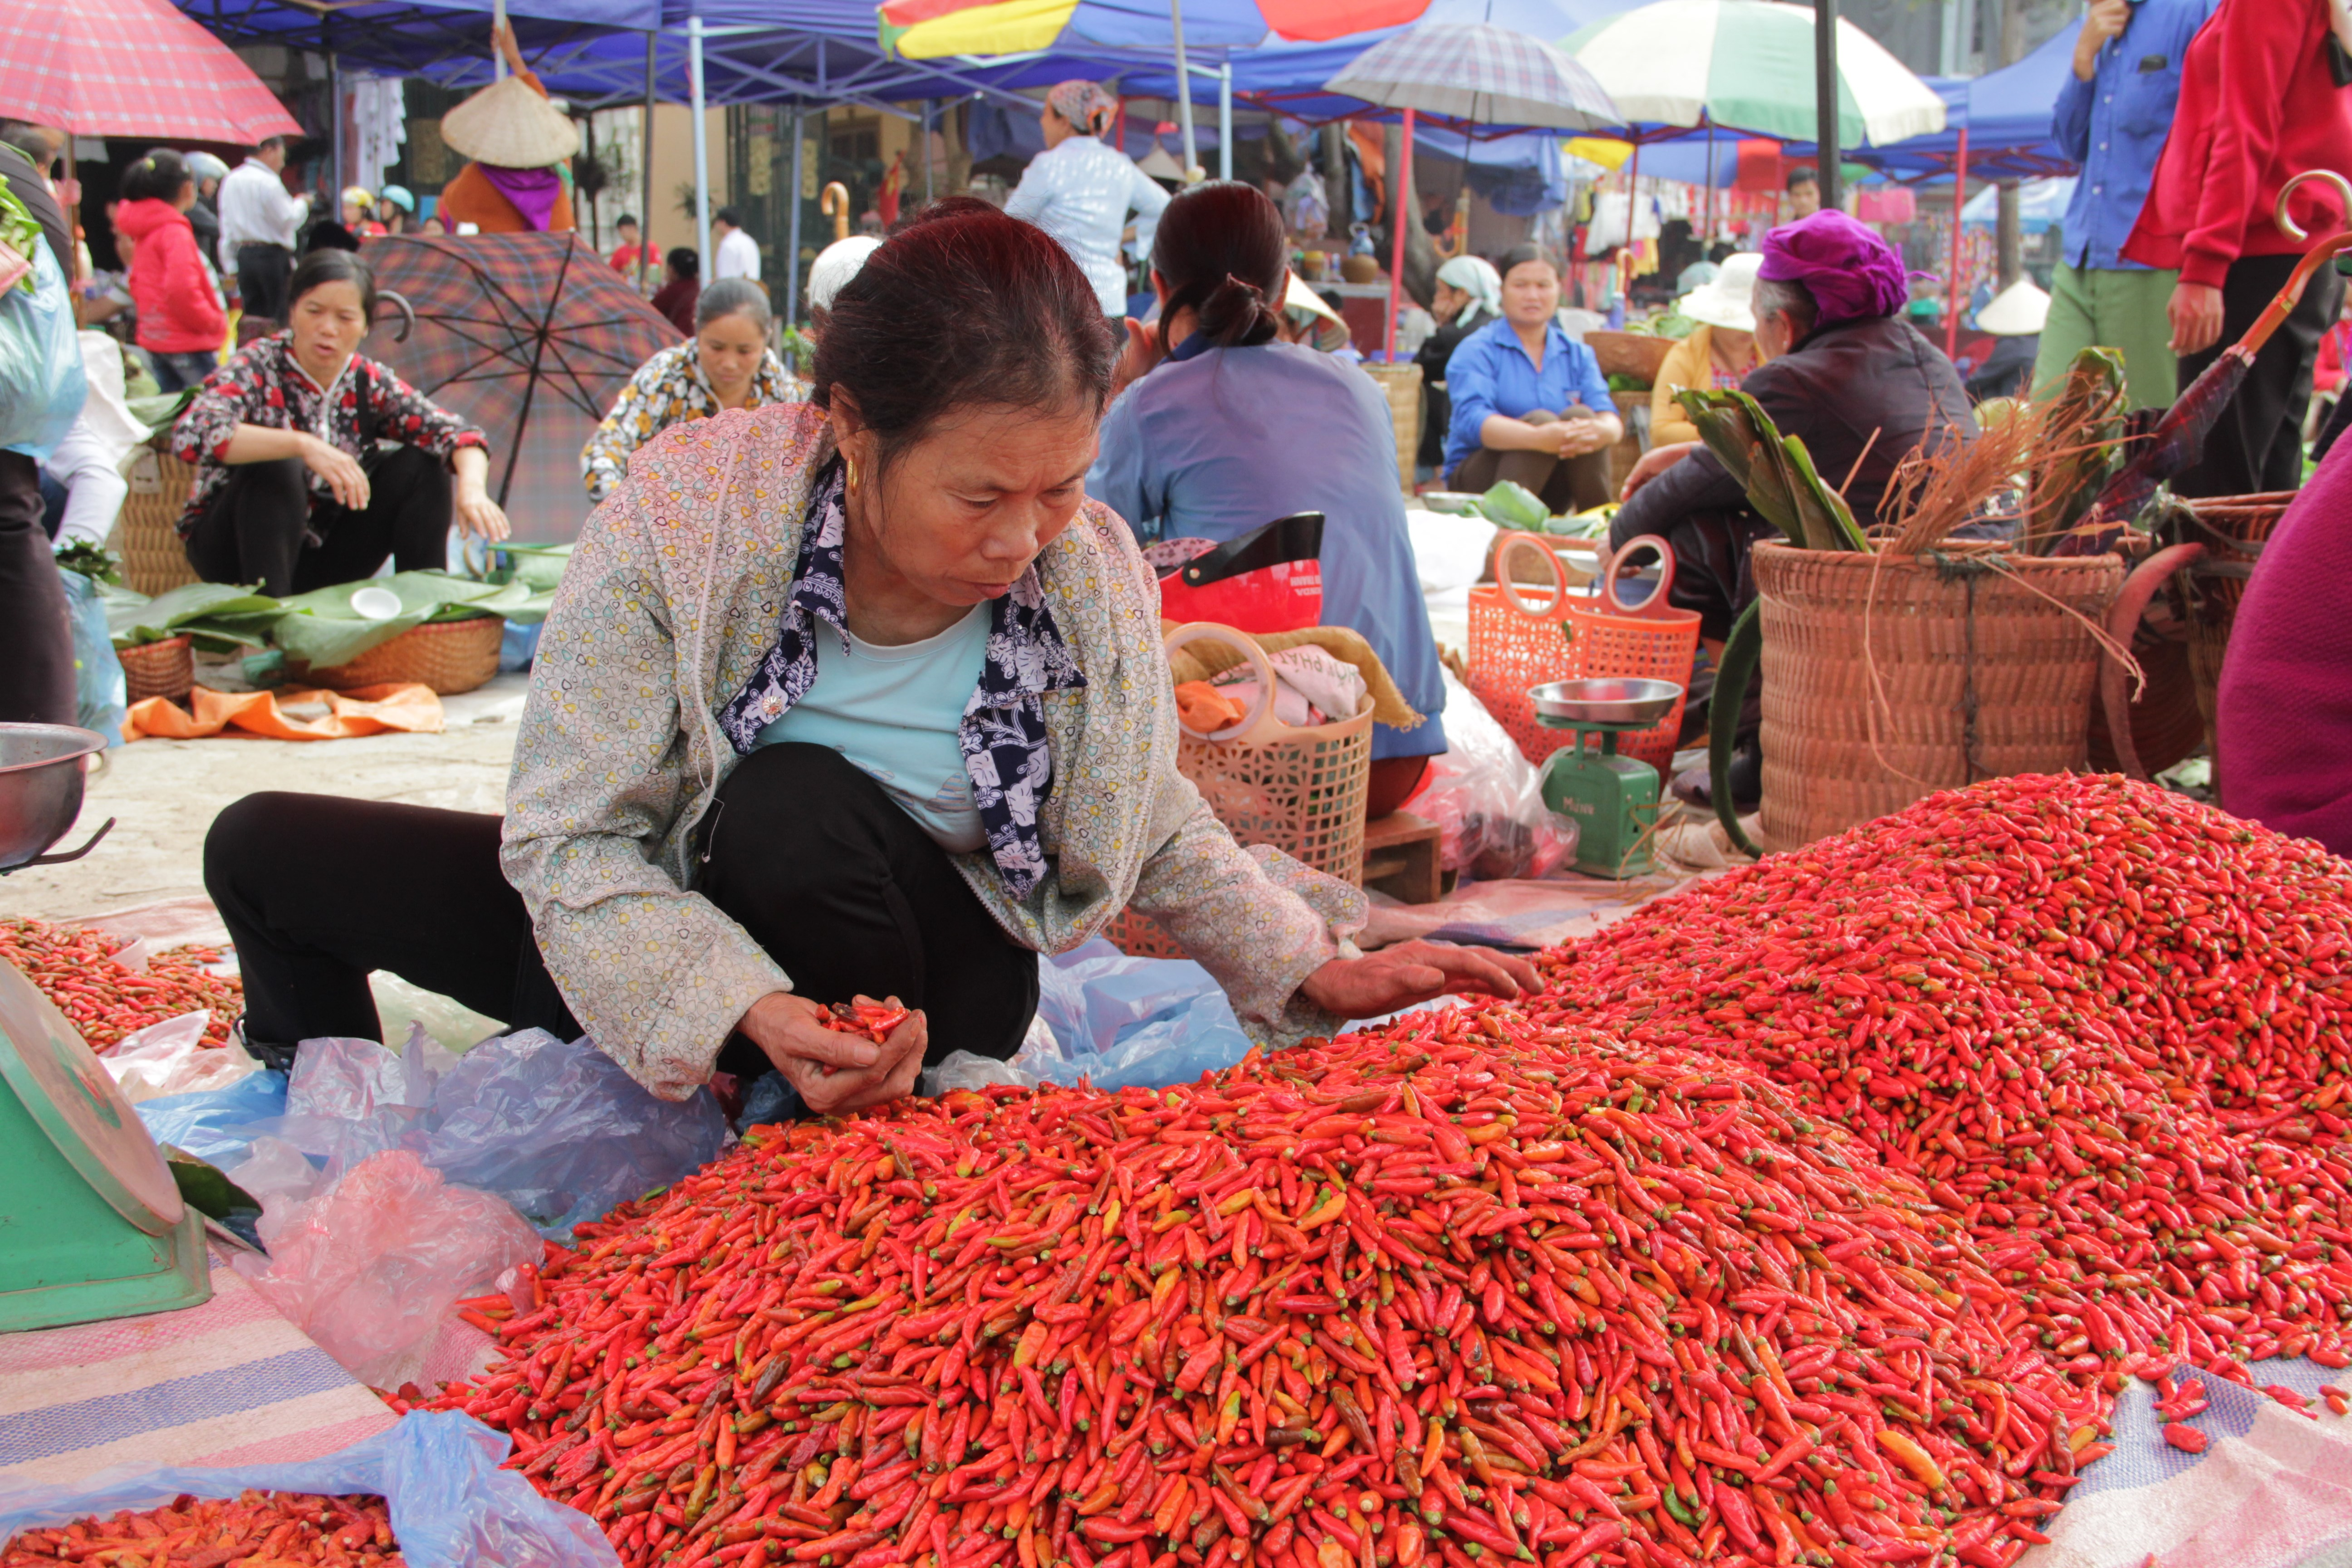 Les Vietnamiens ont l'habitude d'ajouter du piment fort au Phở, la soupe traditionnelle (© Aurélie Bacheley).